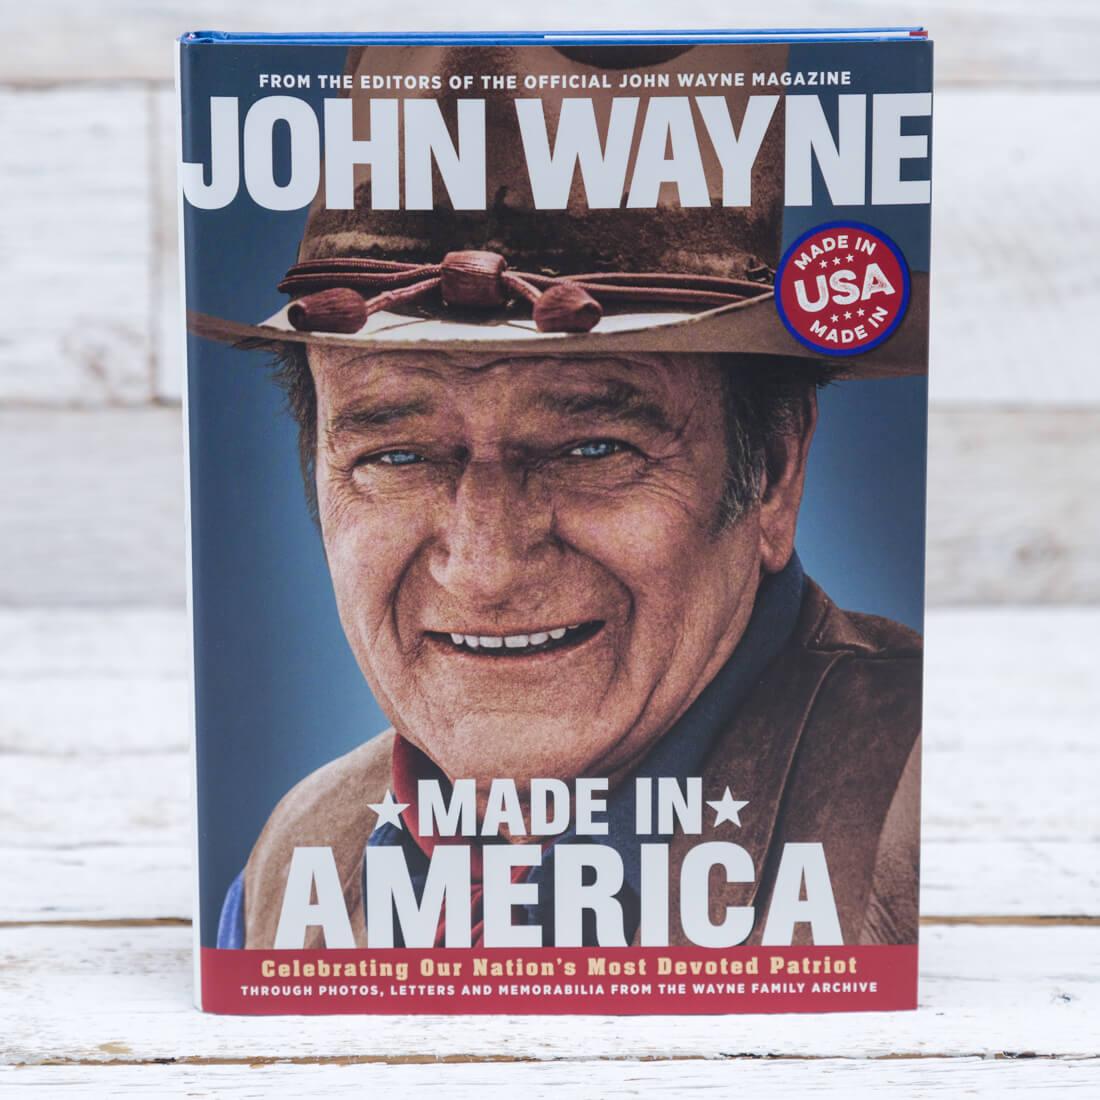 John Wayne: Made in America Book